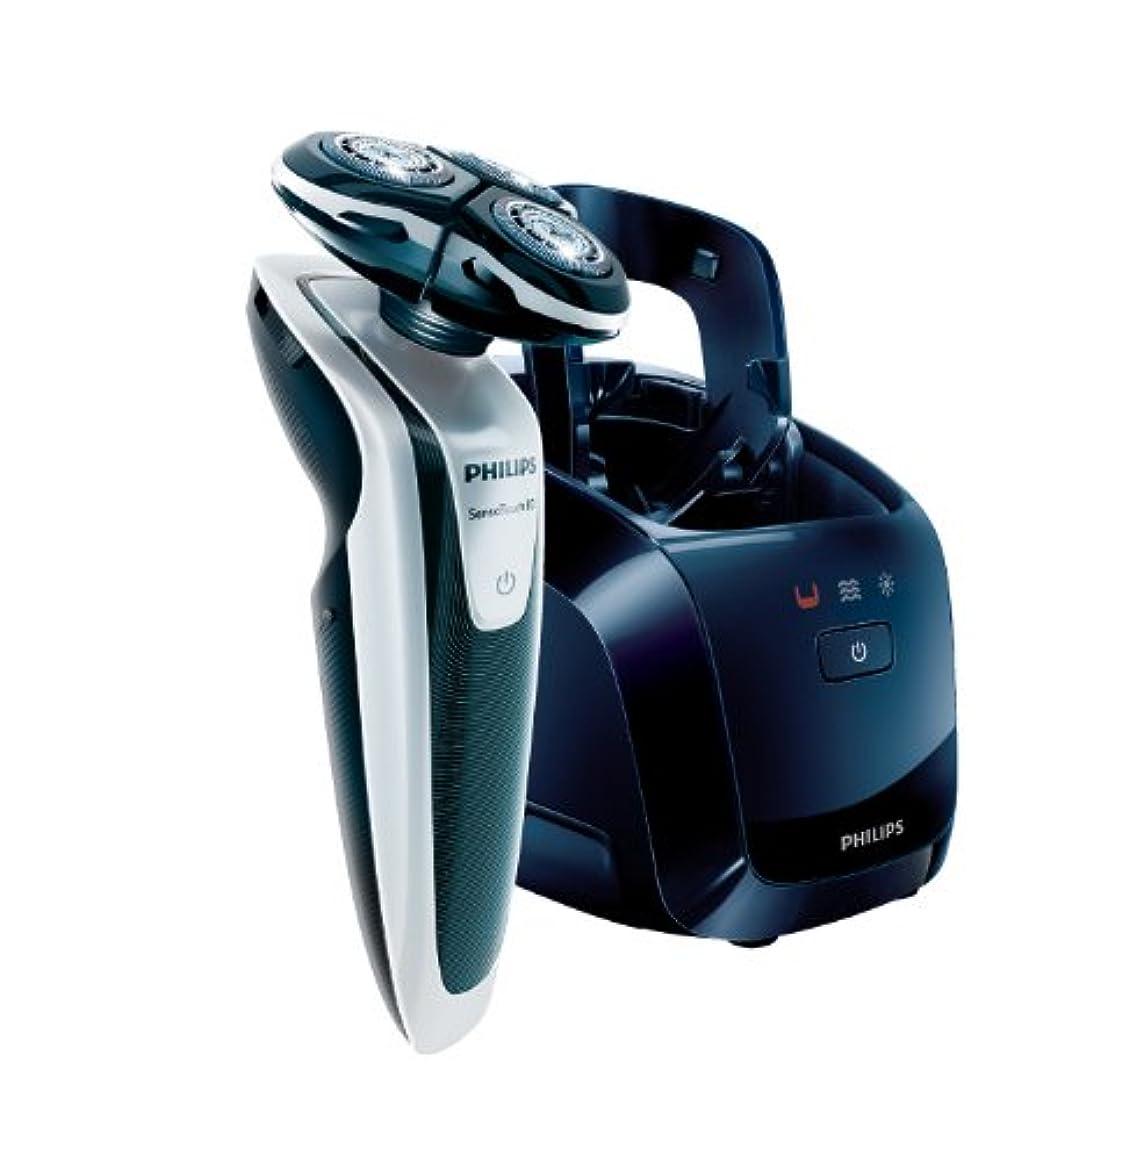 笑い転用花瓶フィリップス シェーバー センソタッチ3D【洗浄充電器付】RQ1251CC